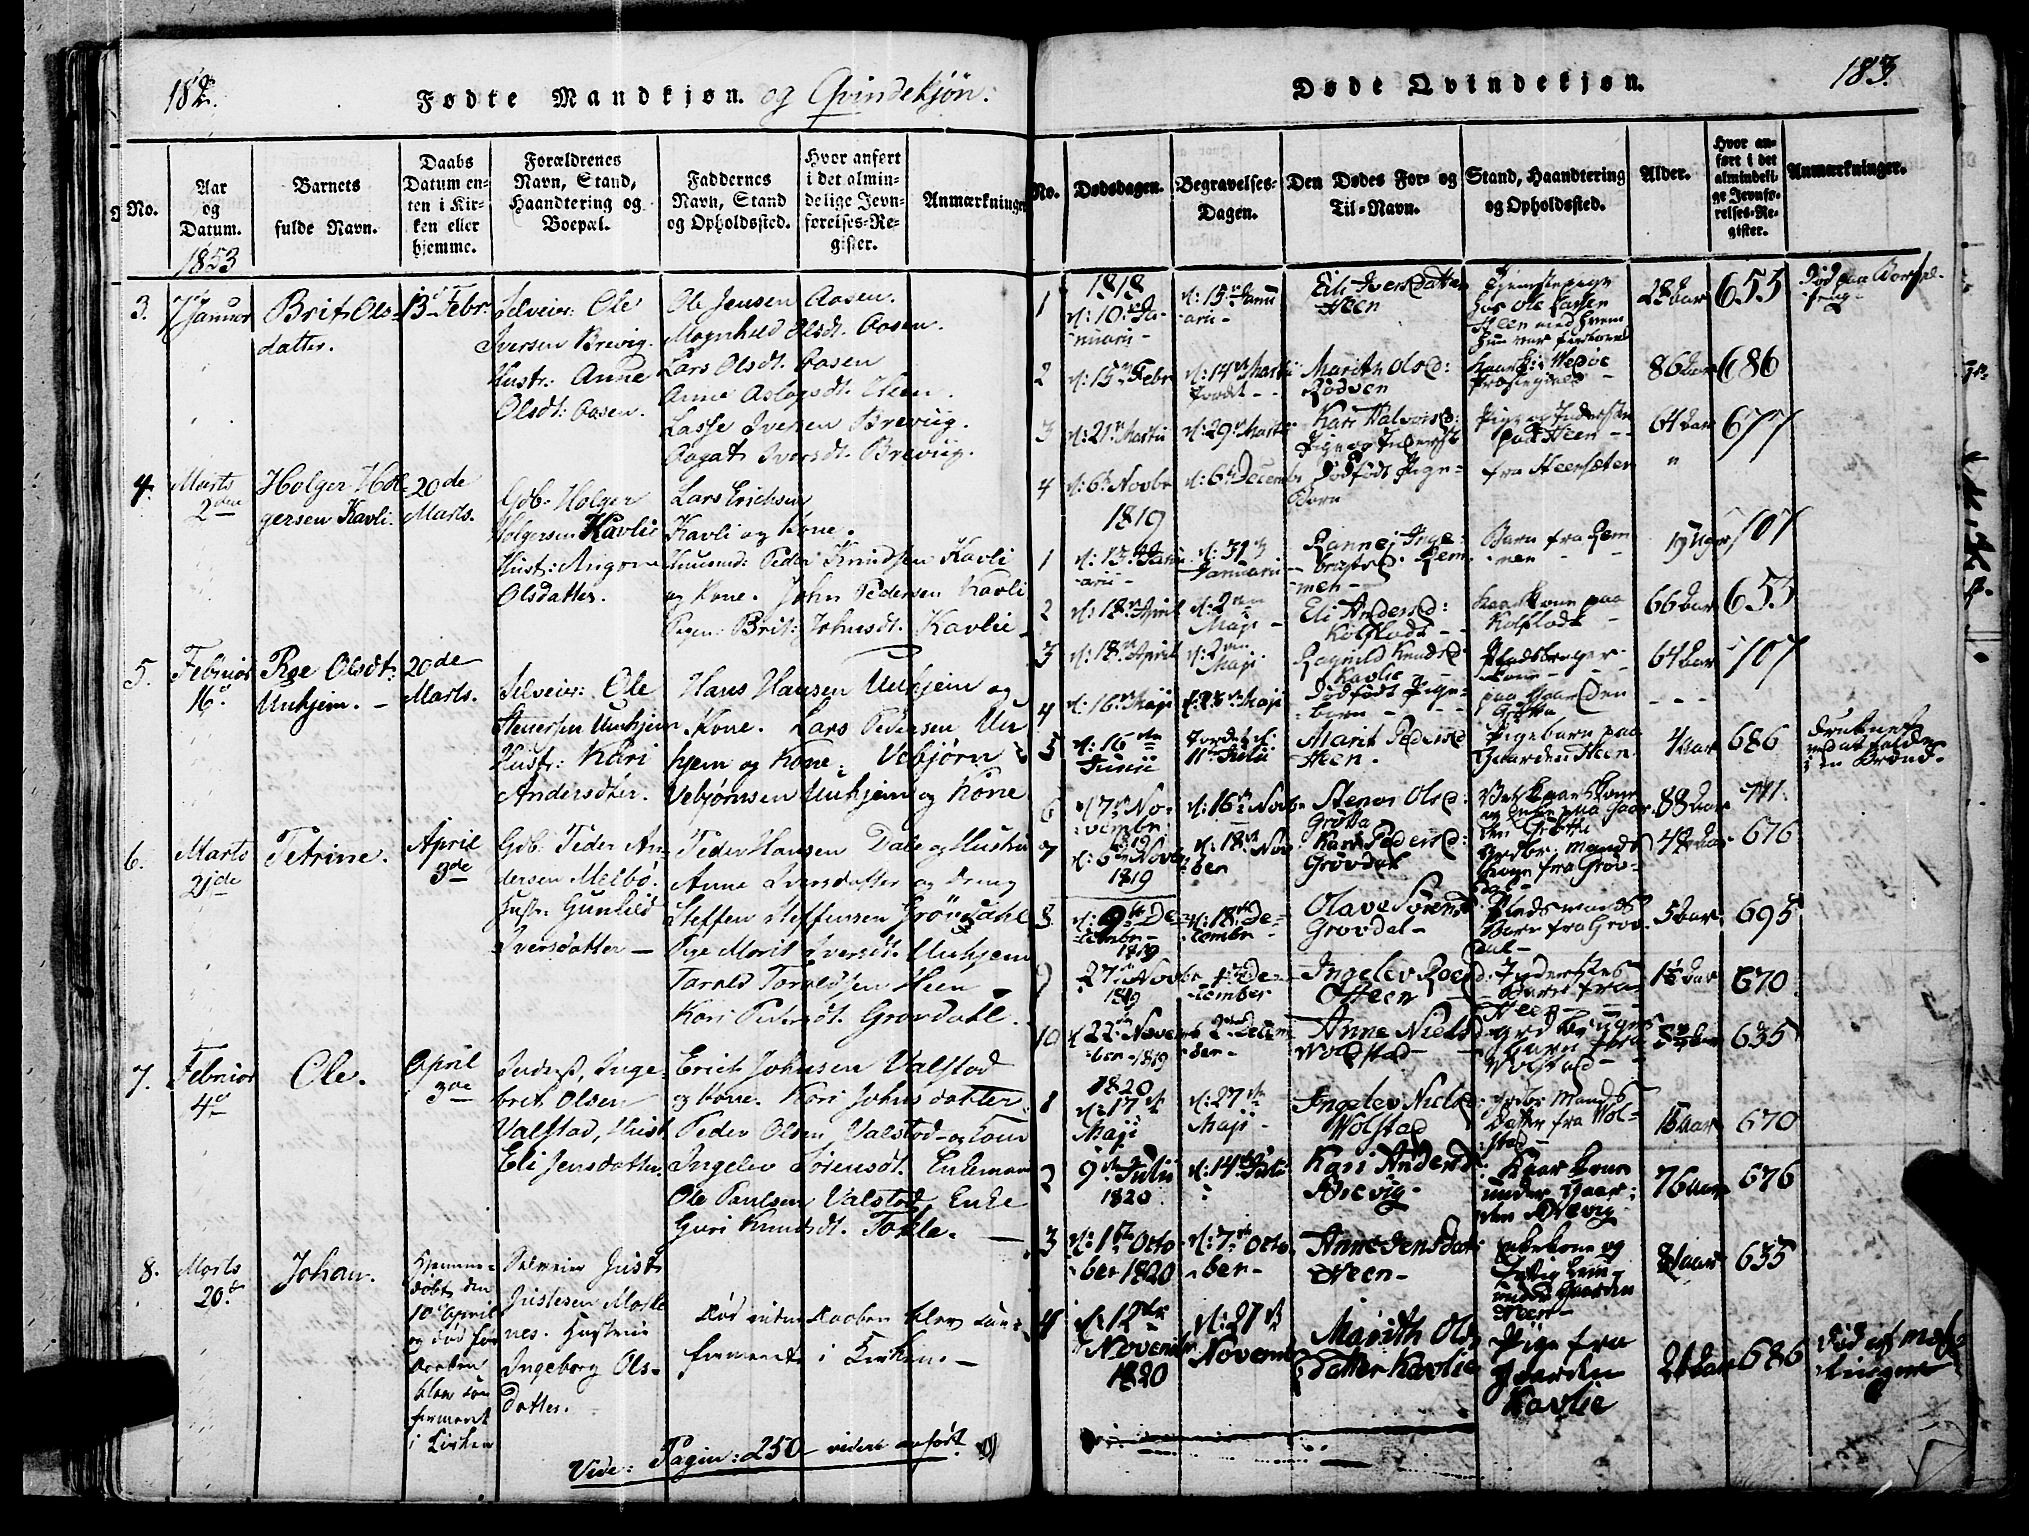 SAT, Ministerialprotokoller, klokkerbøker og fødselsregistre - Møre og Romsdal, 545/L0585: Ministerialbok nr. 545A01, 1818-1853, s. 182-183